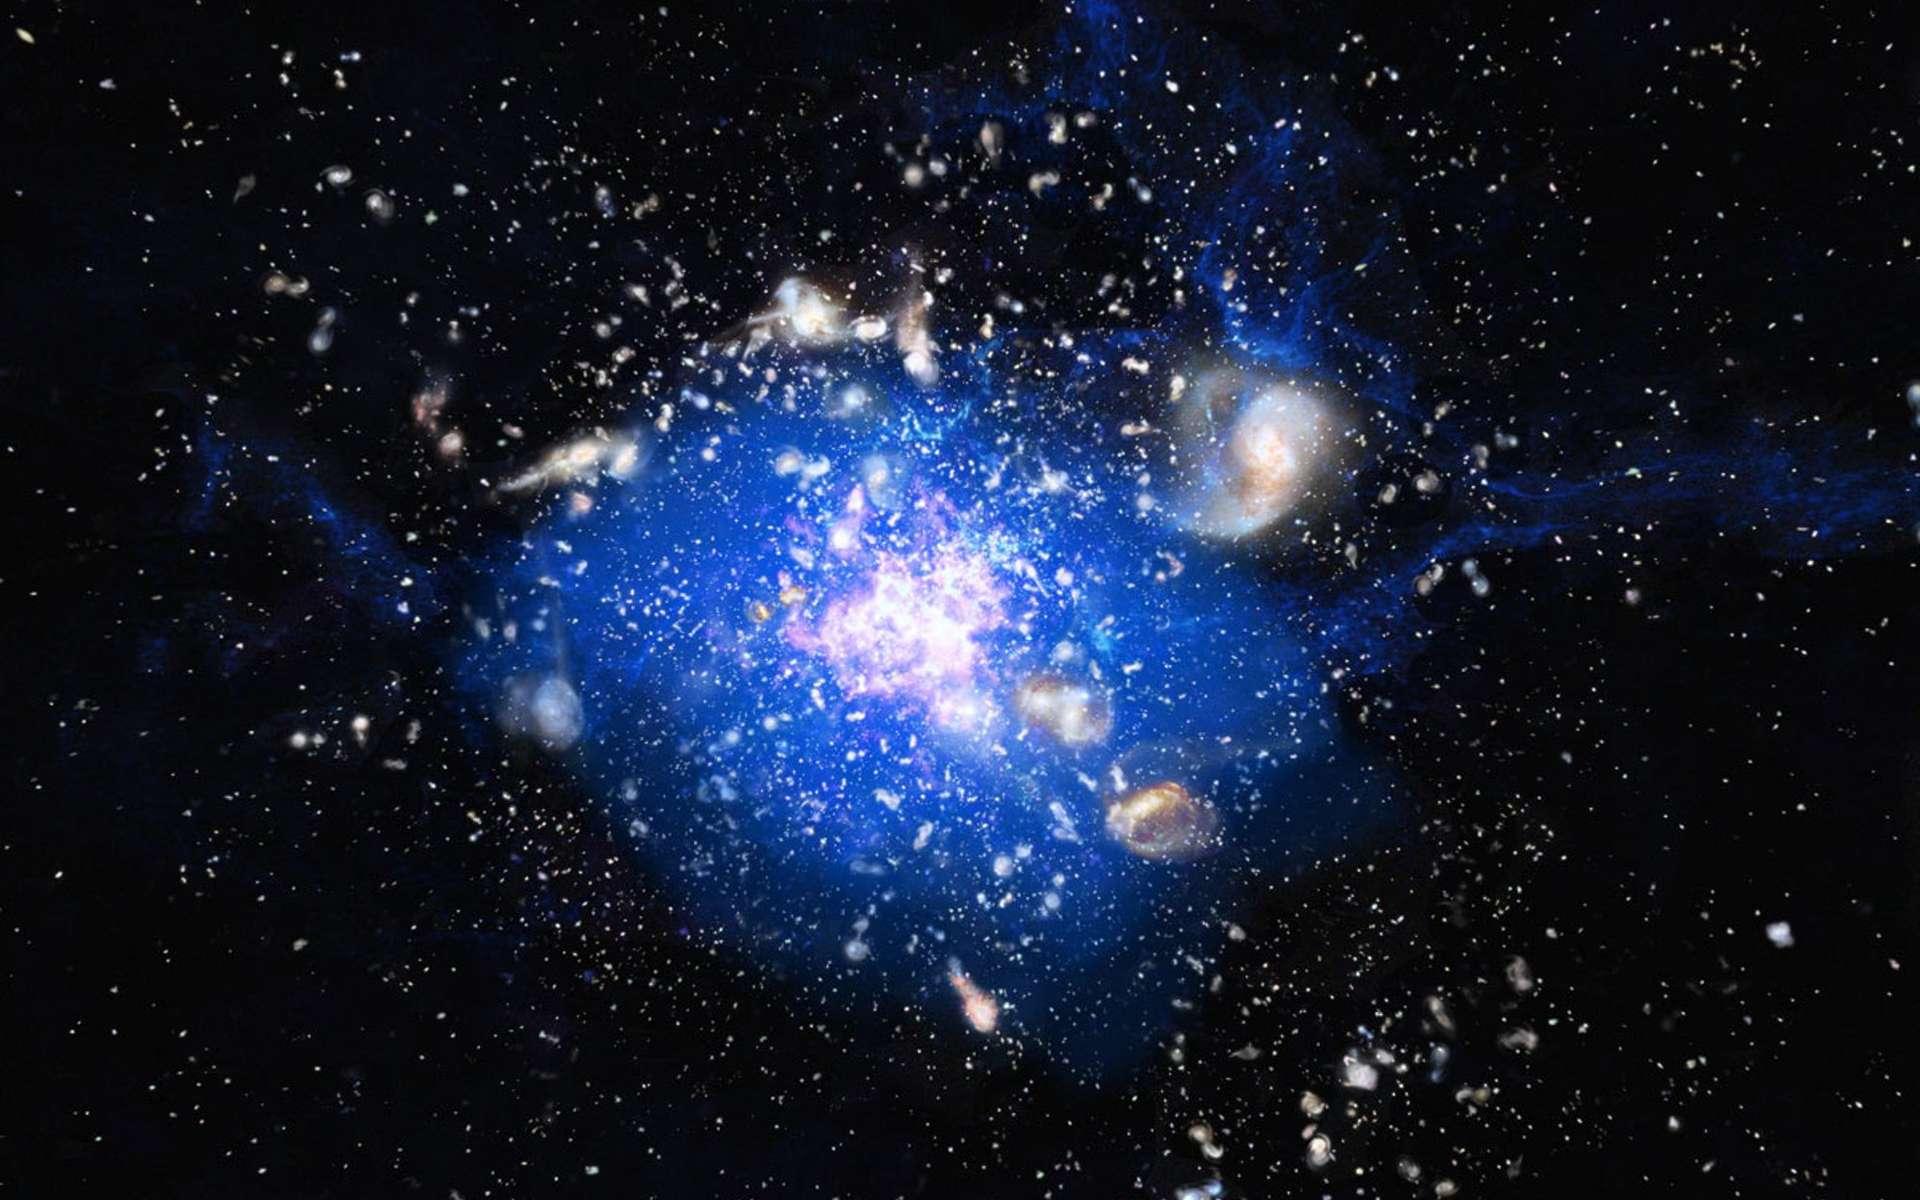 Vue d'artiste du nuage de gaz froid autour de la galaxie Toile d'Araignée. En blanc et rose, on voit des galaxies en train de naître et en bleu le gaz contenant du monoxyde de carbone (CO). © ESO, M Kornmesser